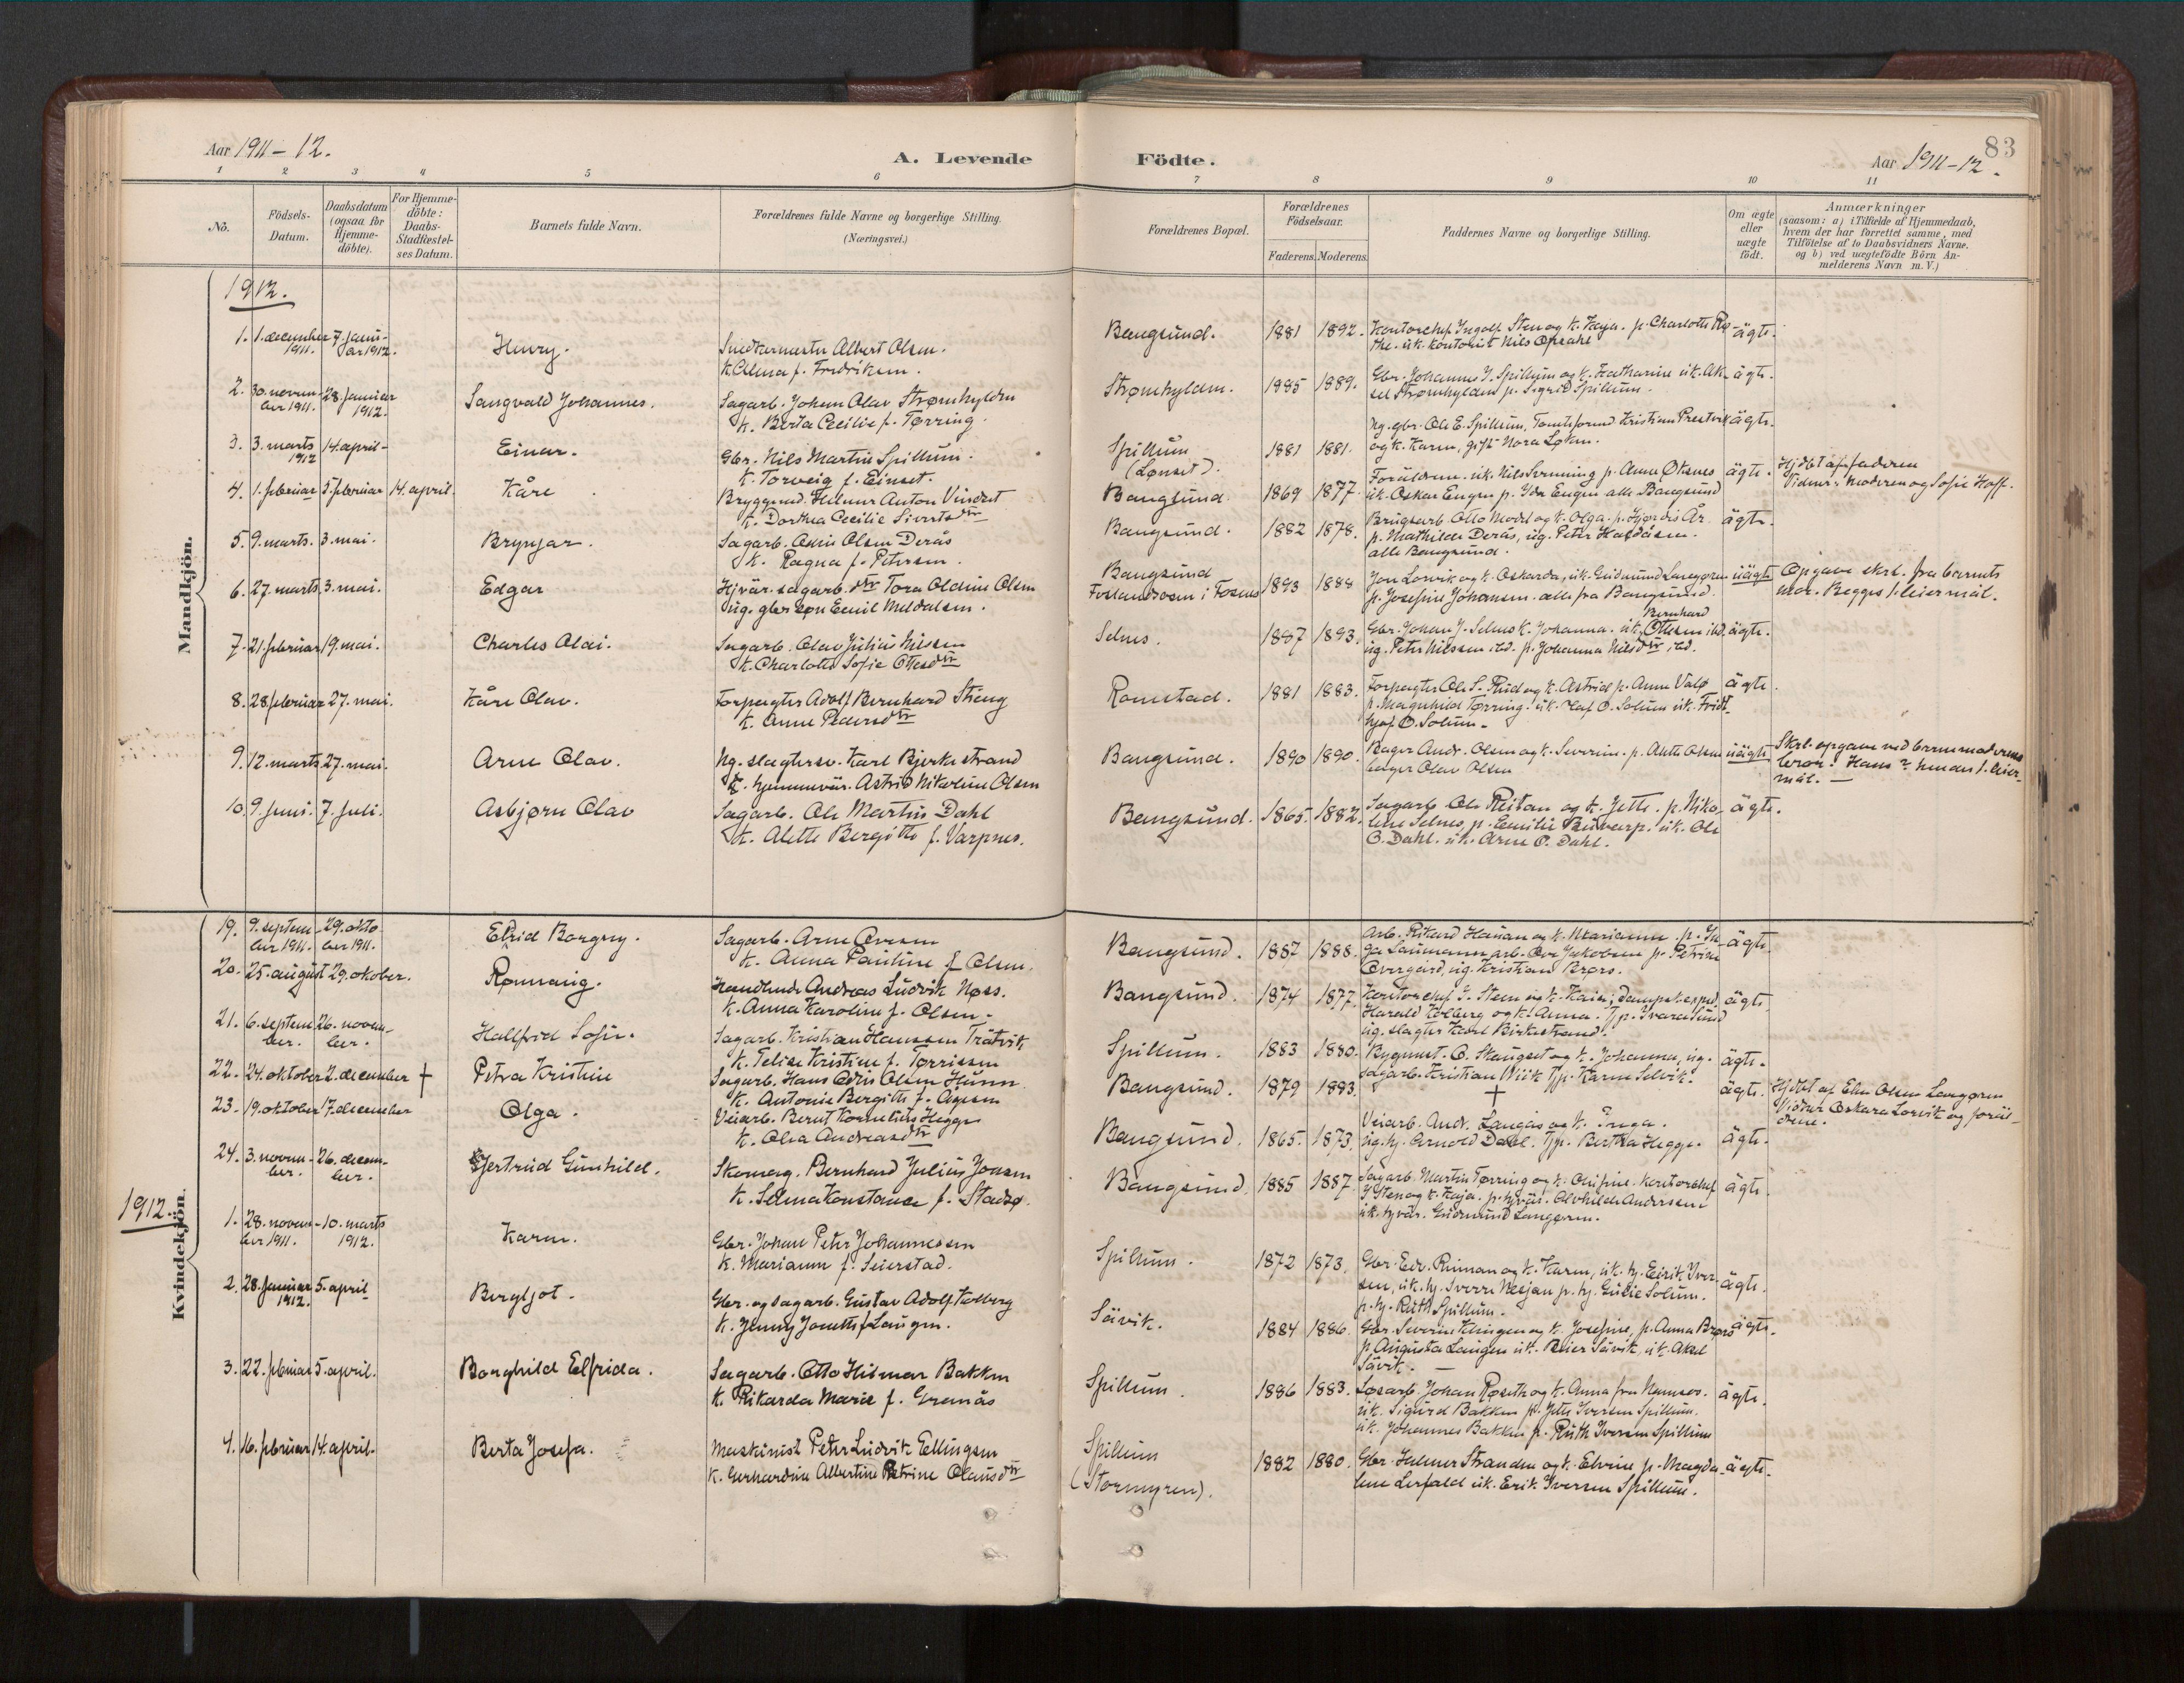 SAT, Ministerialprotokoller, klokkerbøker og fødselsregistre - Nord-Trøndelag, 770/L0589: Ministerialbok nr. 770A03, 1887-1929, s. 83